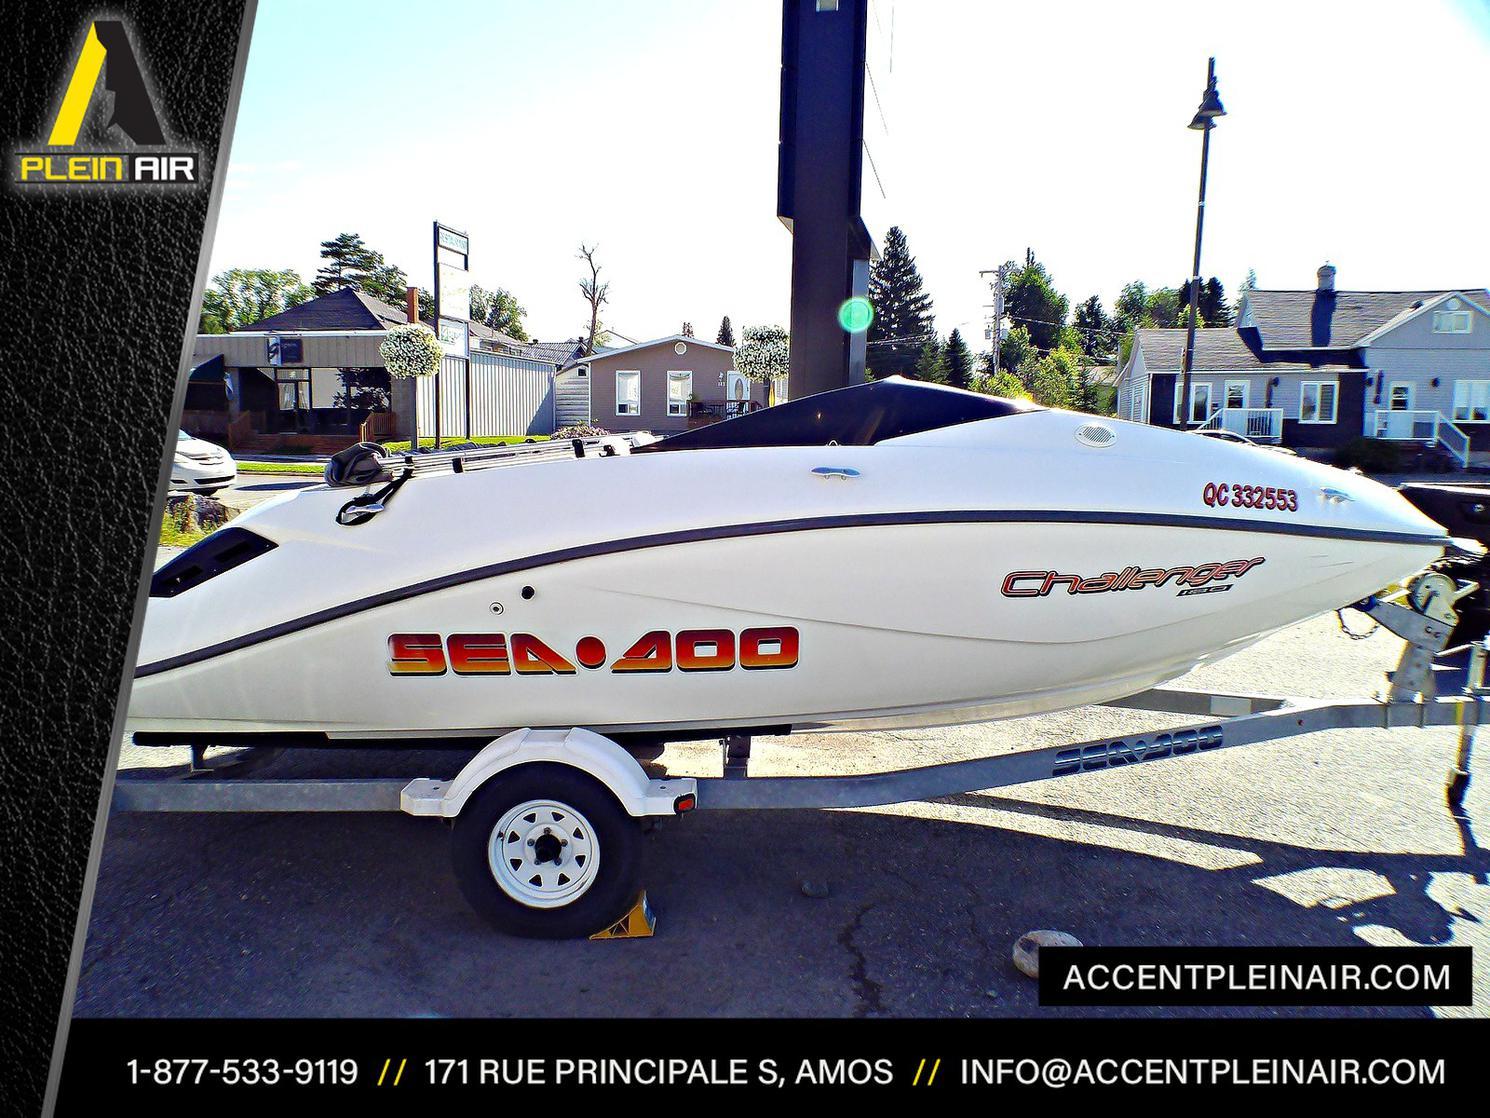 2005 Sea-Doo/BRP CHALLENGER 180